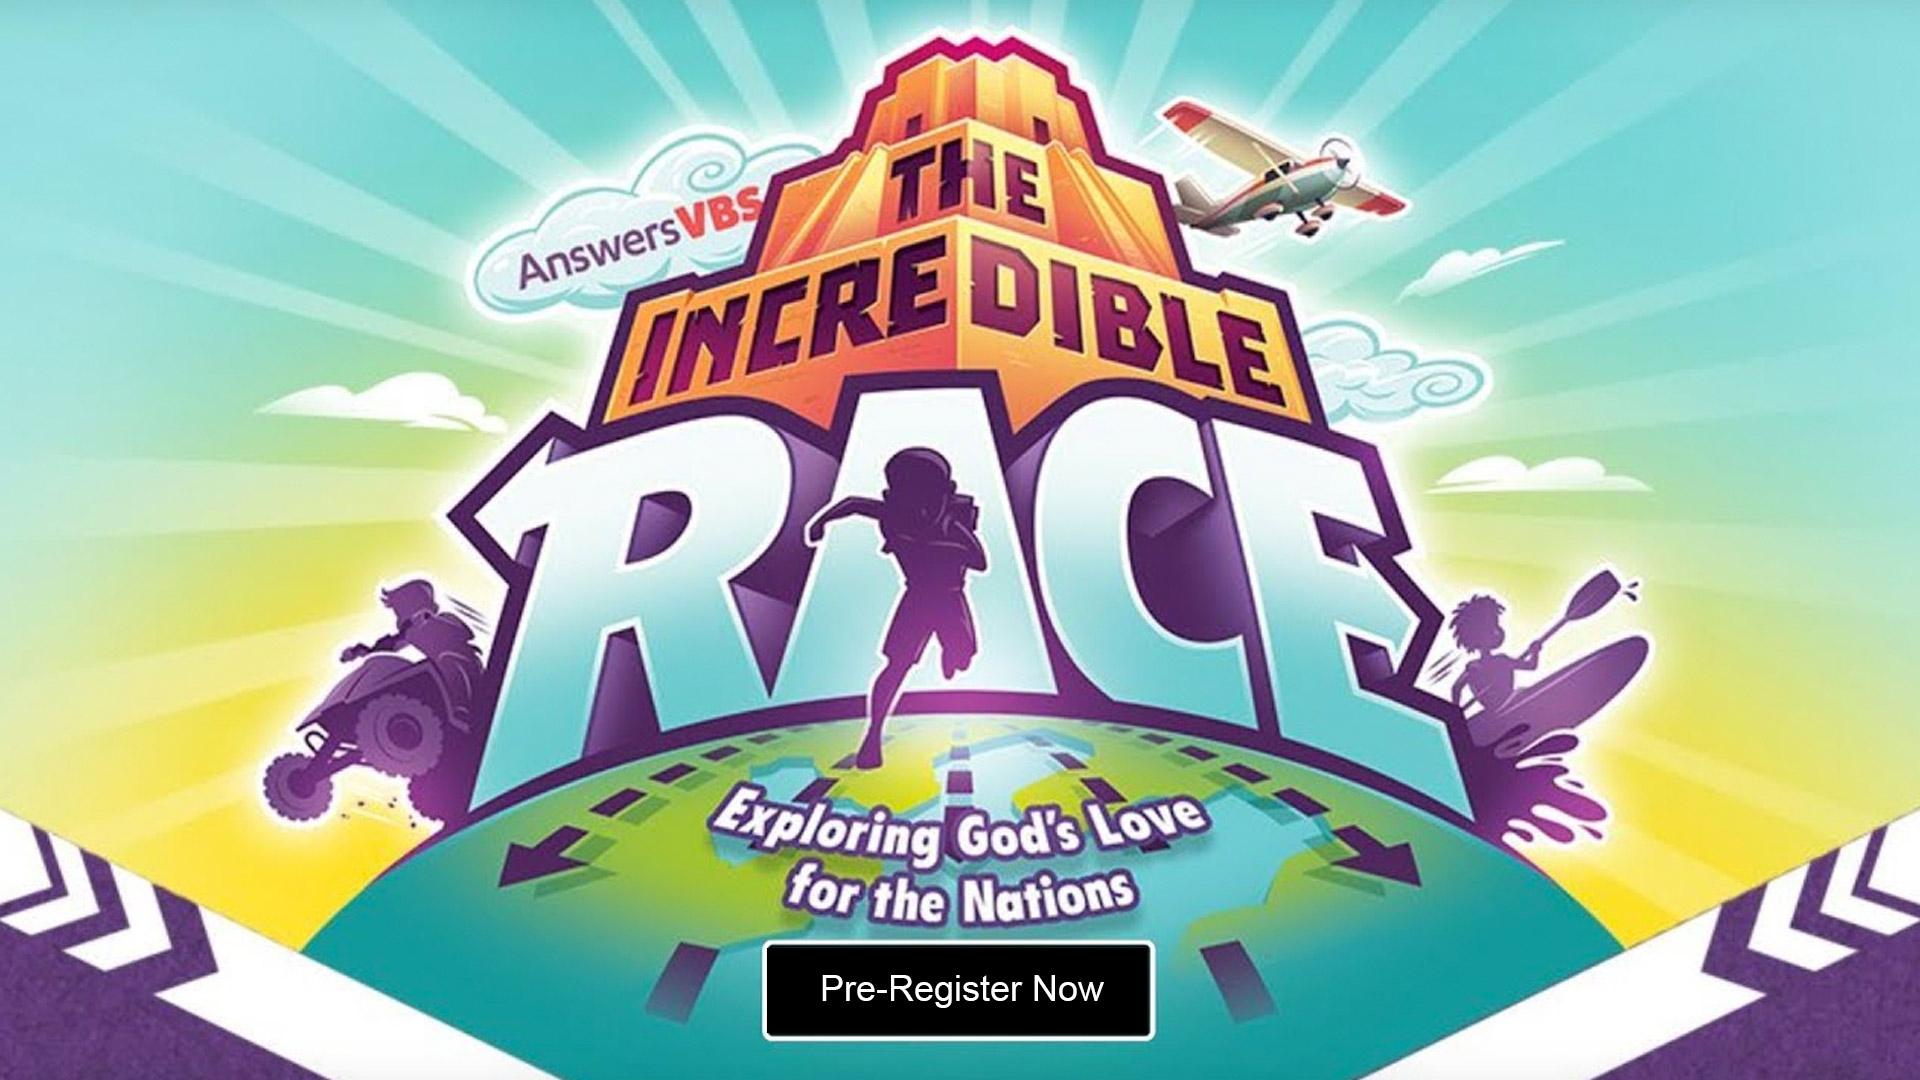 incredible-race-pre-register-slide.jpg